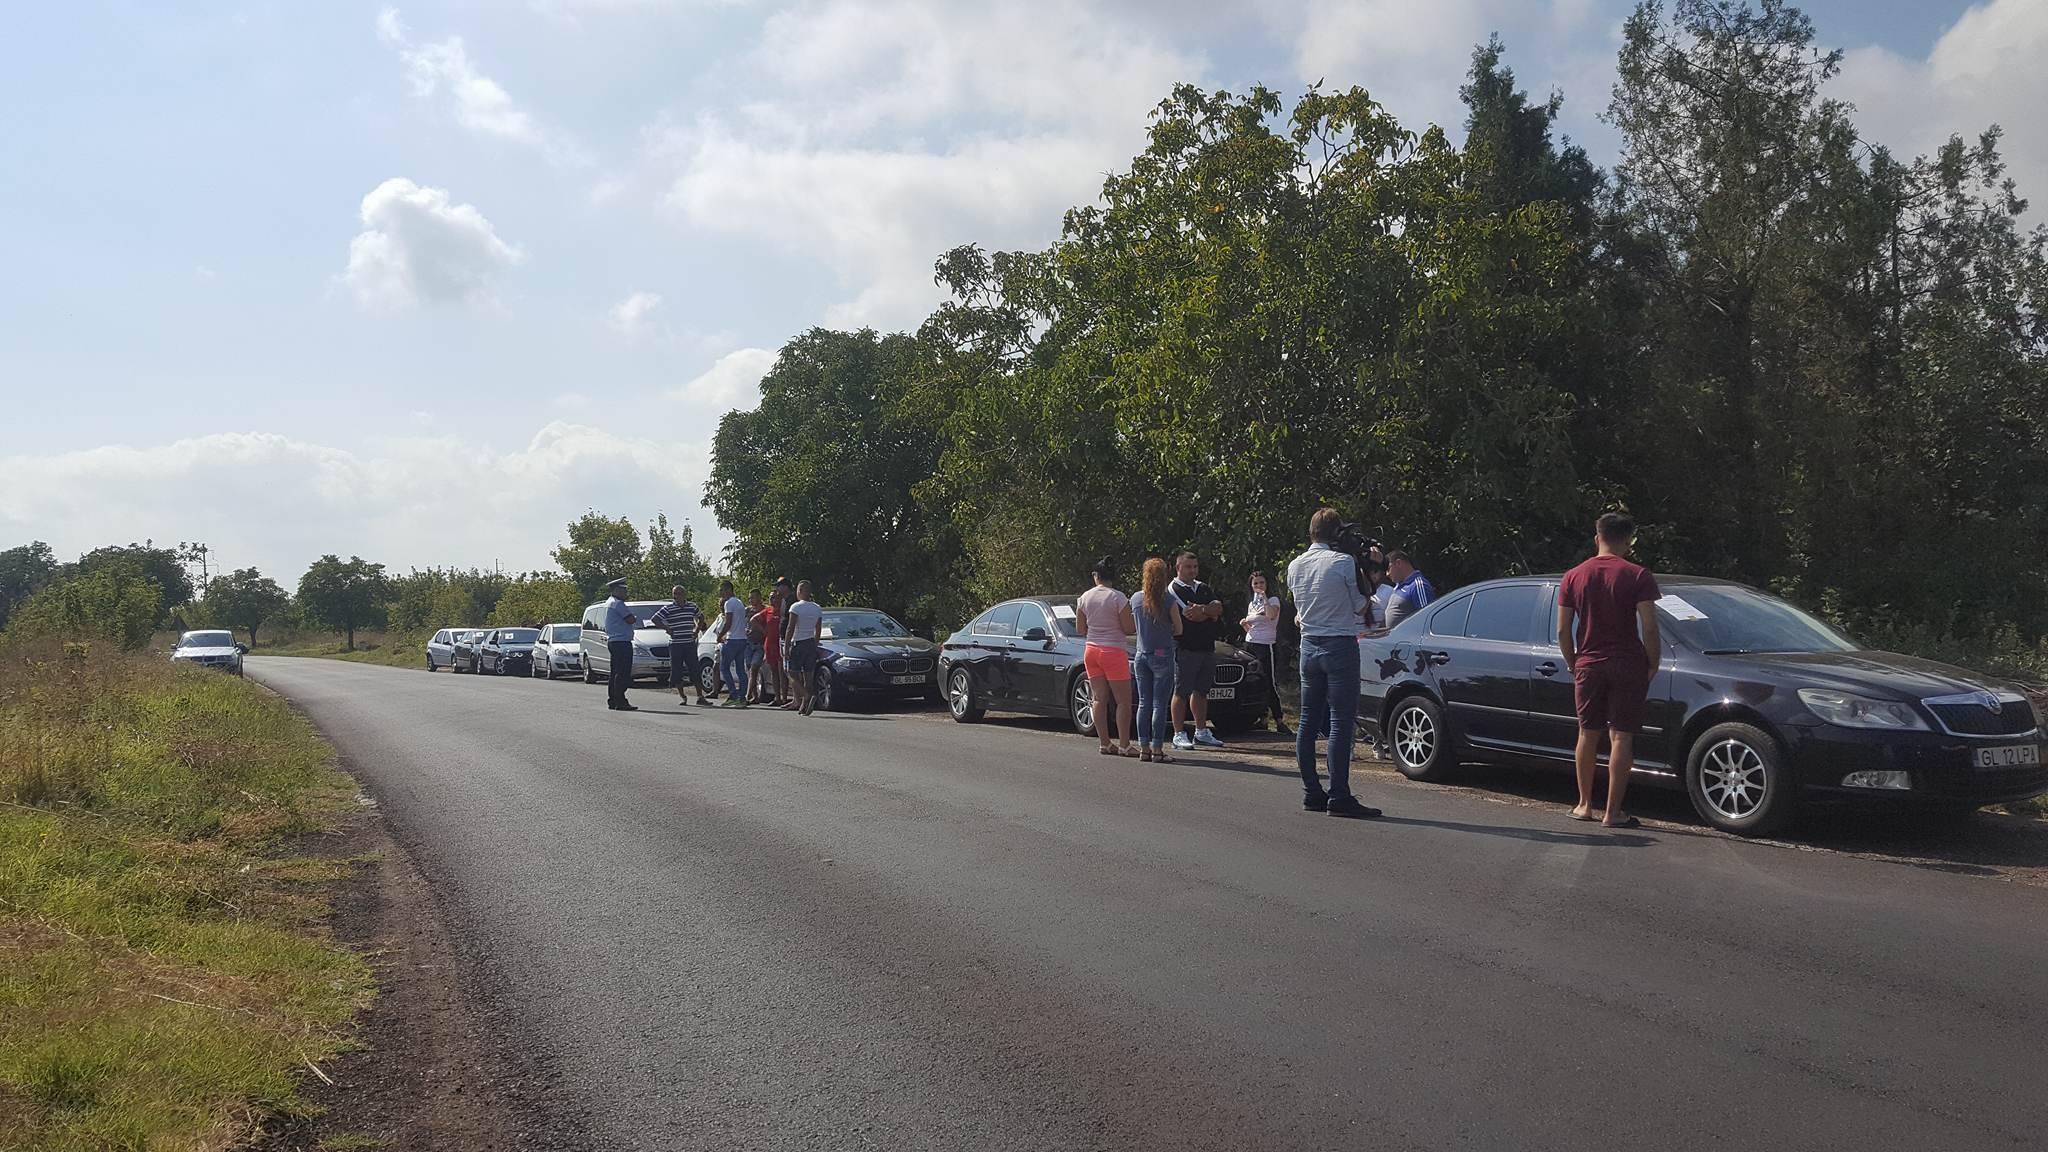 `Ne-am săturat de gropi şi nepăsare`. Protest la Galaţi, unde zeci de şoferi şi-au condus maşinile pe un drum naţional care nu a fost reparat de peste 25 de ani